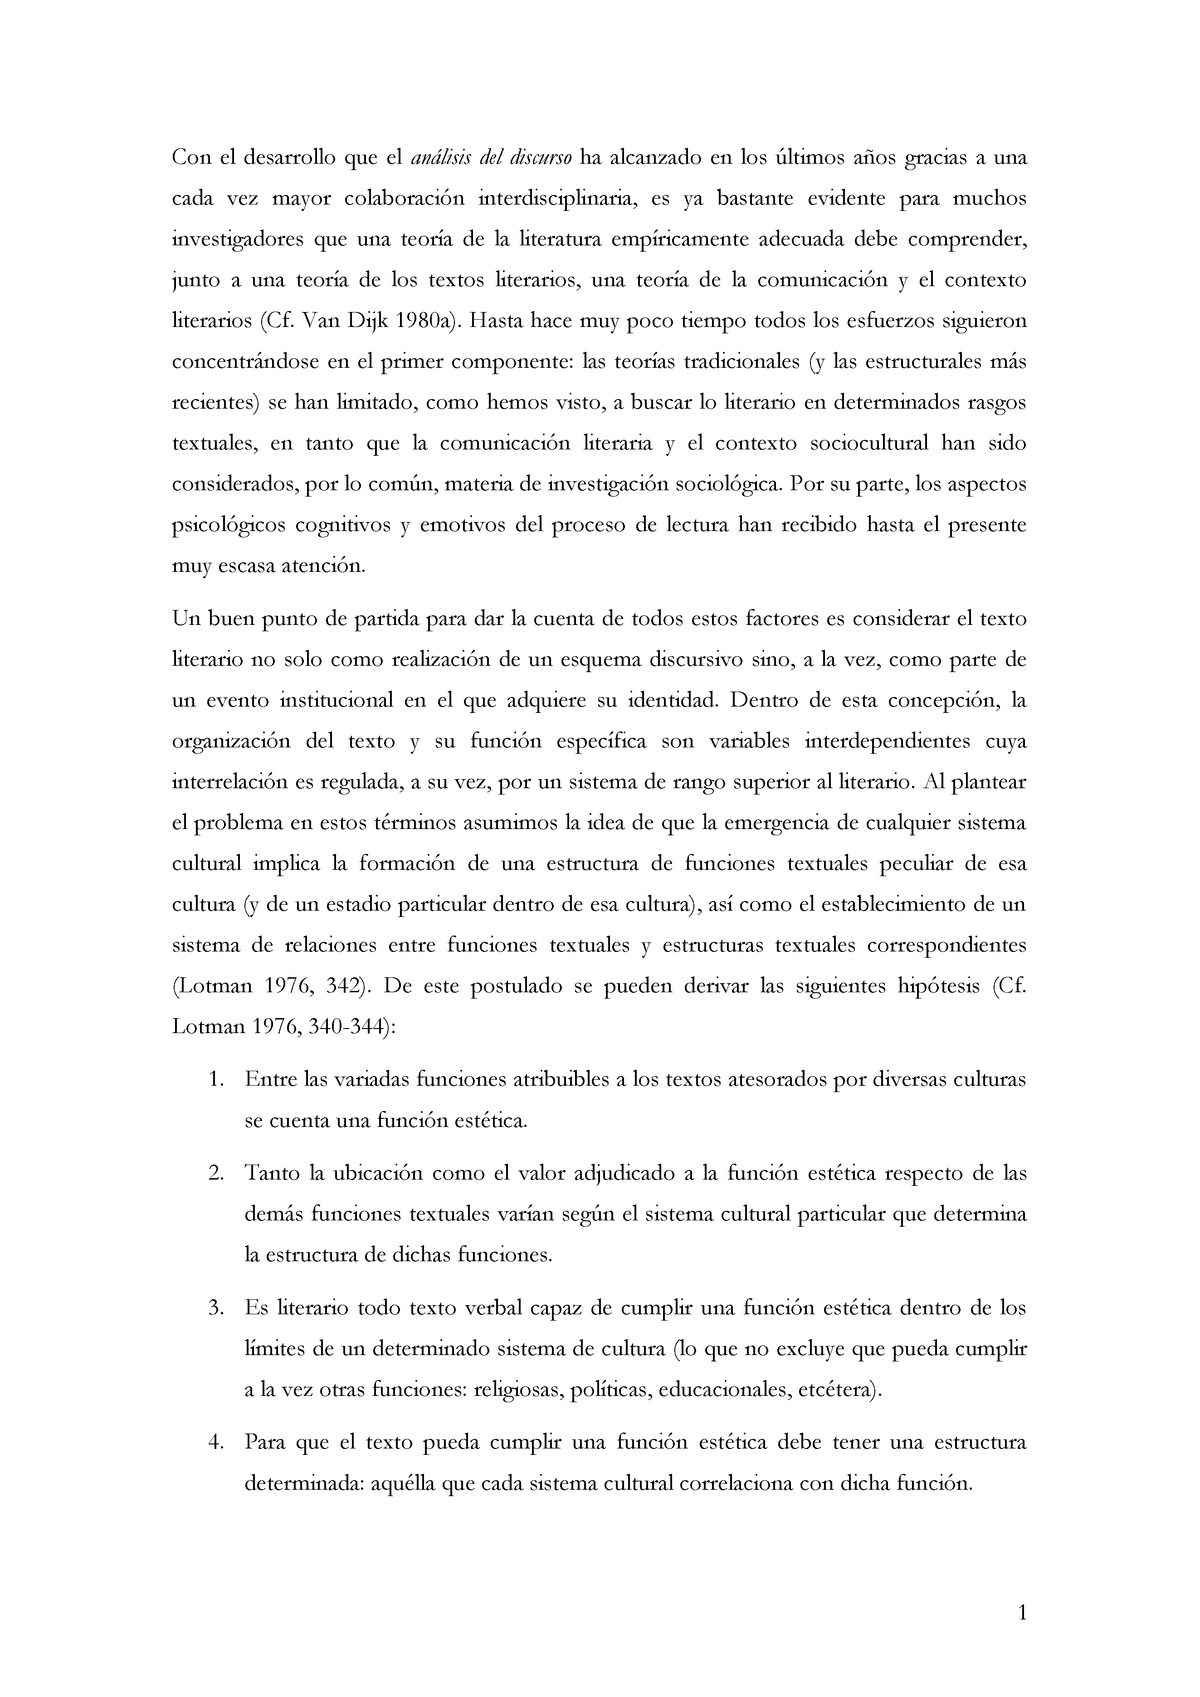 Extractos De S Reisz Teoría Literaria Una Propuesta Studocu